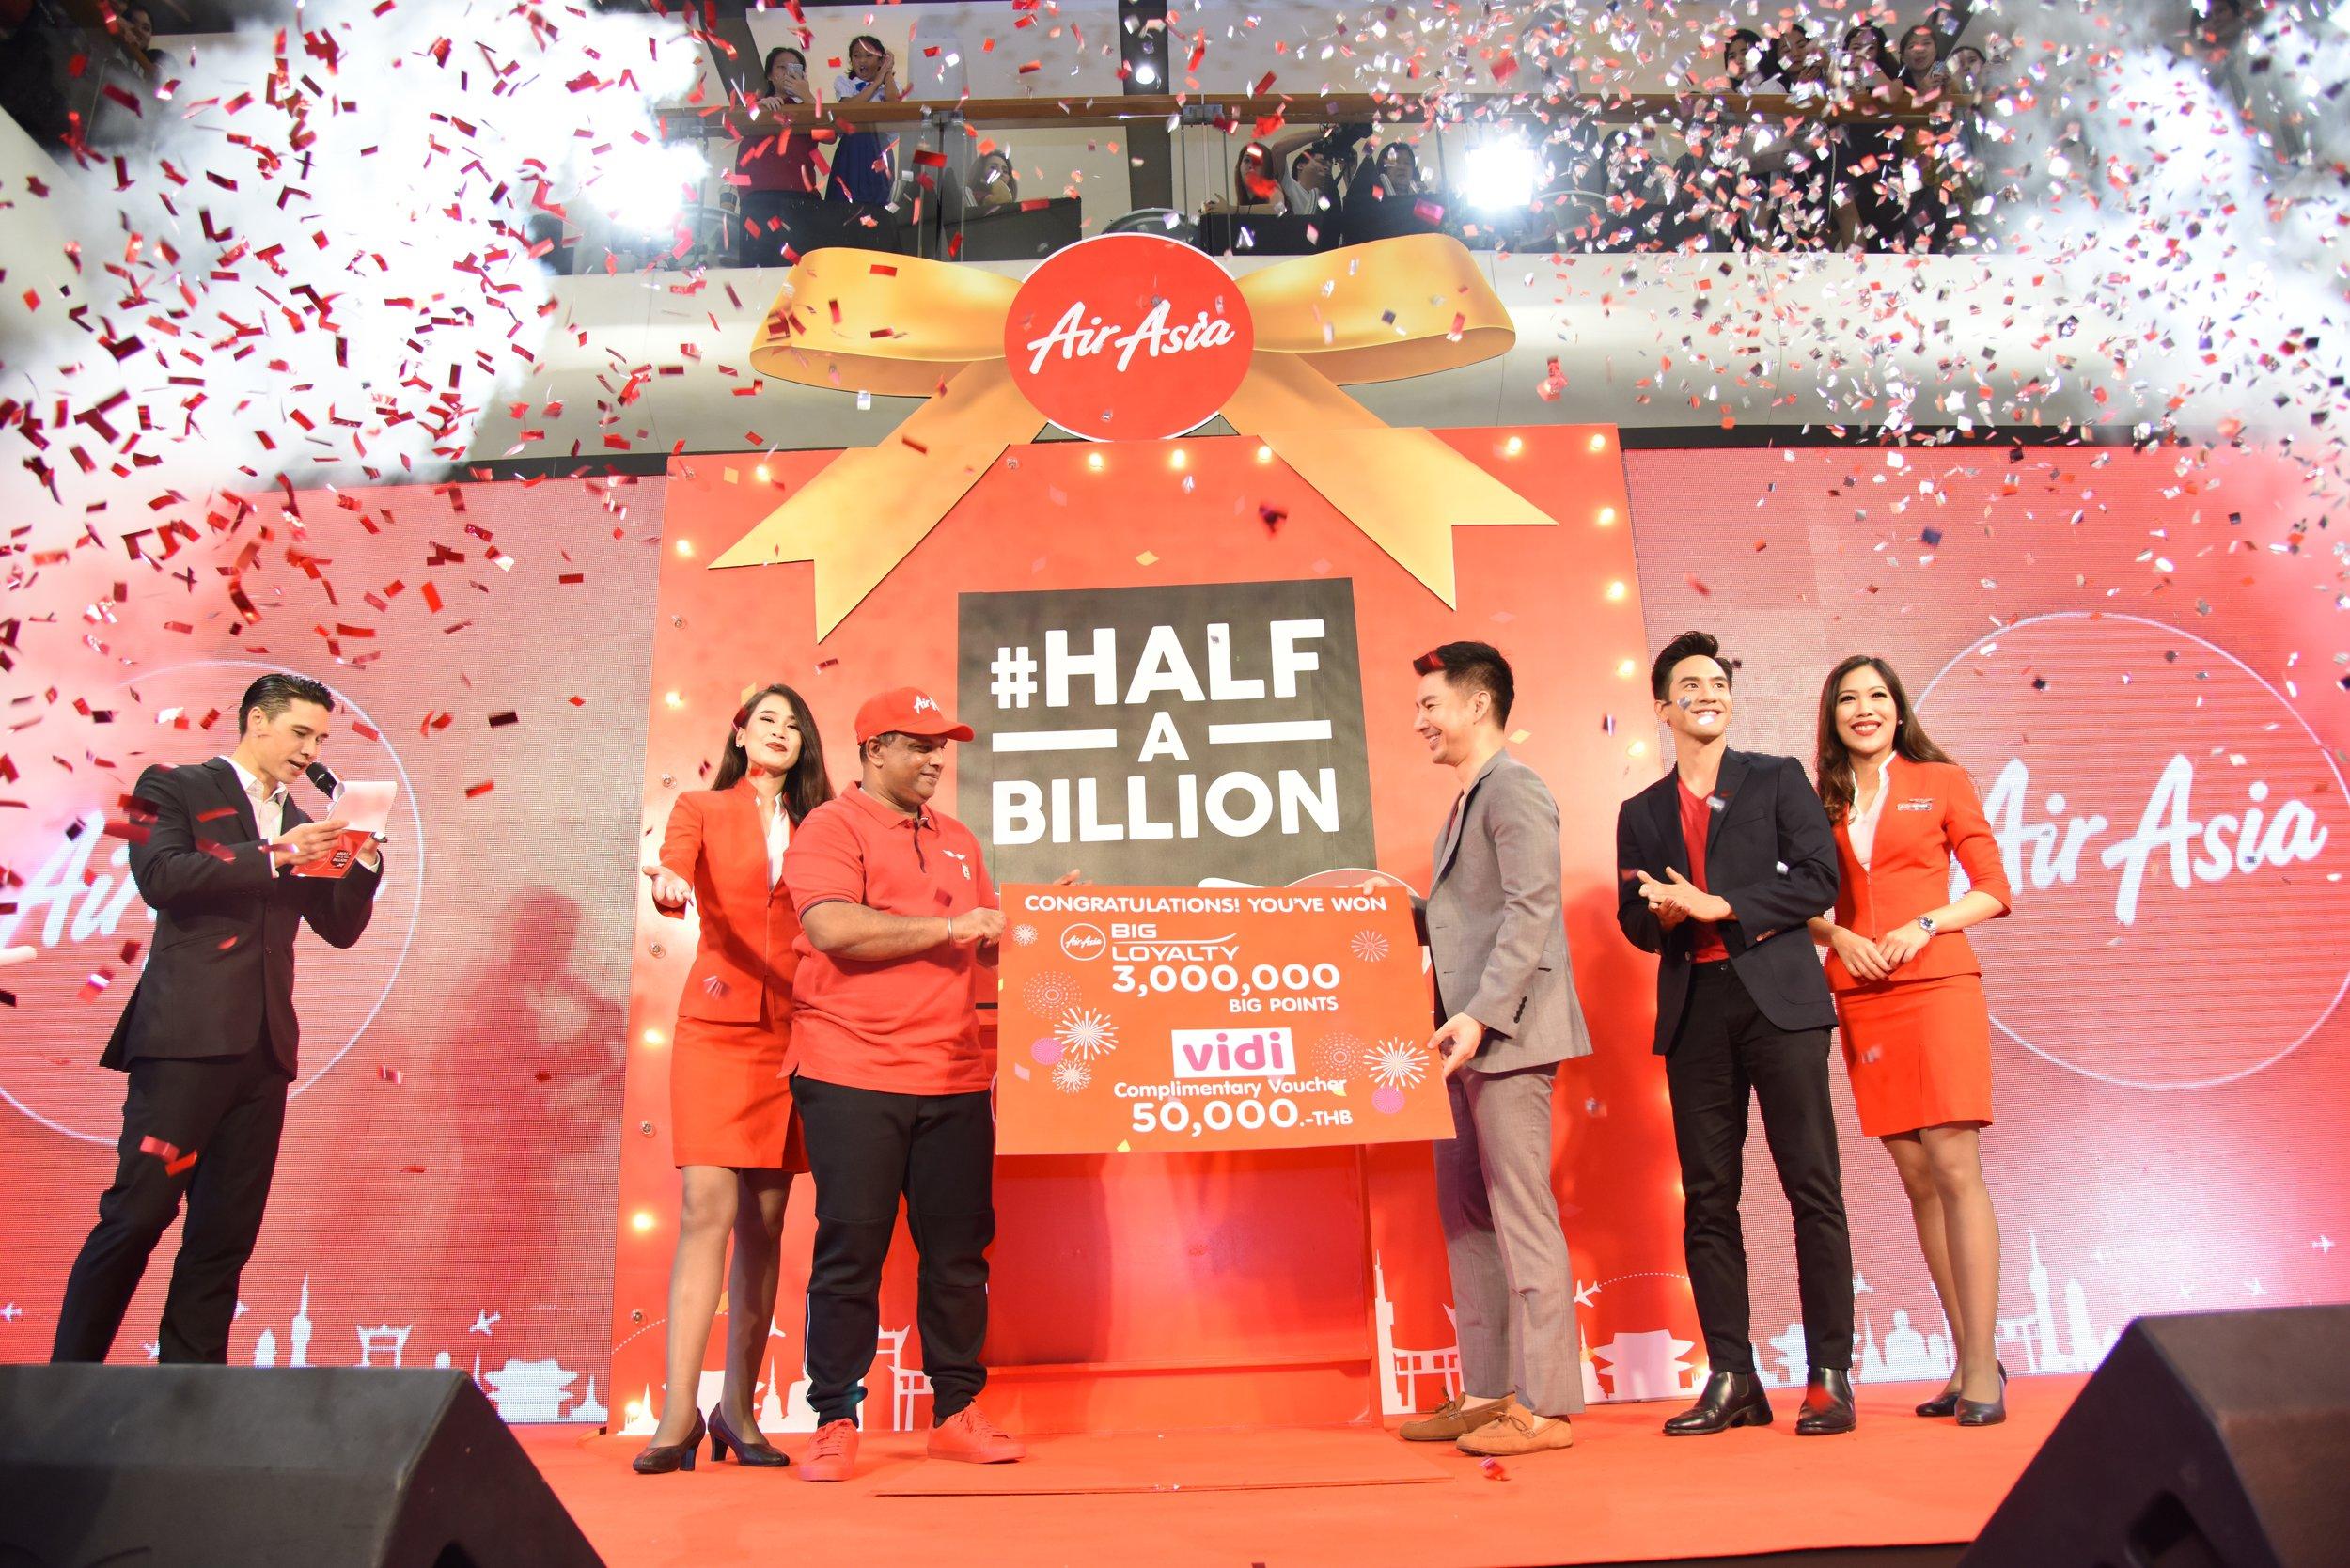 亚航第5亿名乘客Dr Panut Oprasertsawat(中间)从亚航集团首席执行员兼亚航长程集团联合首席执行员Tony Fernandes及泰国影星Pope Thanawat(右二)手中接过300百万亚航BIG积分、价值5万泰铢的 Vidi礼卷及终身免费机票。